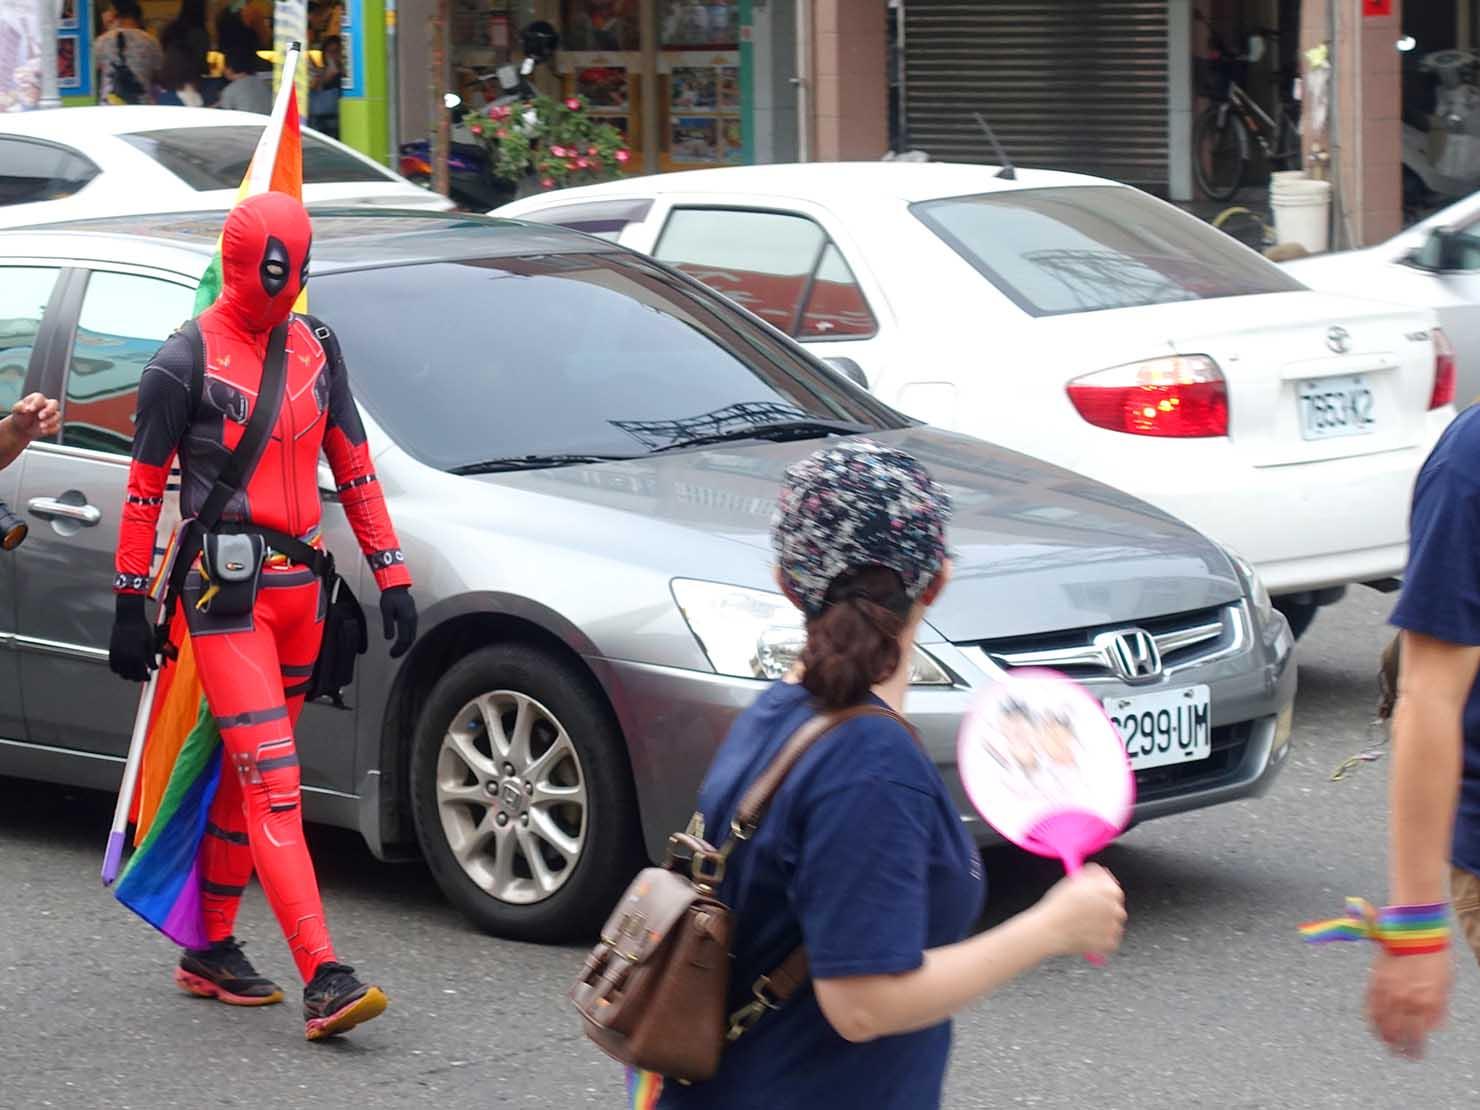 高雄同志大遊行(高雄プライド)2018パレードに出没したスパイダーマン風コスプレ